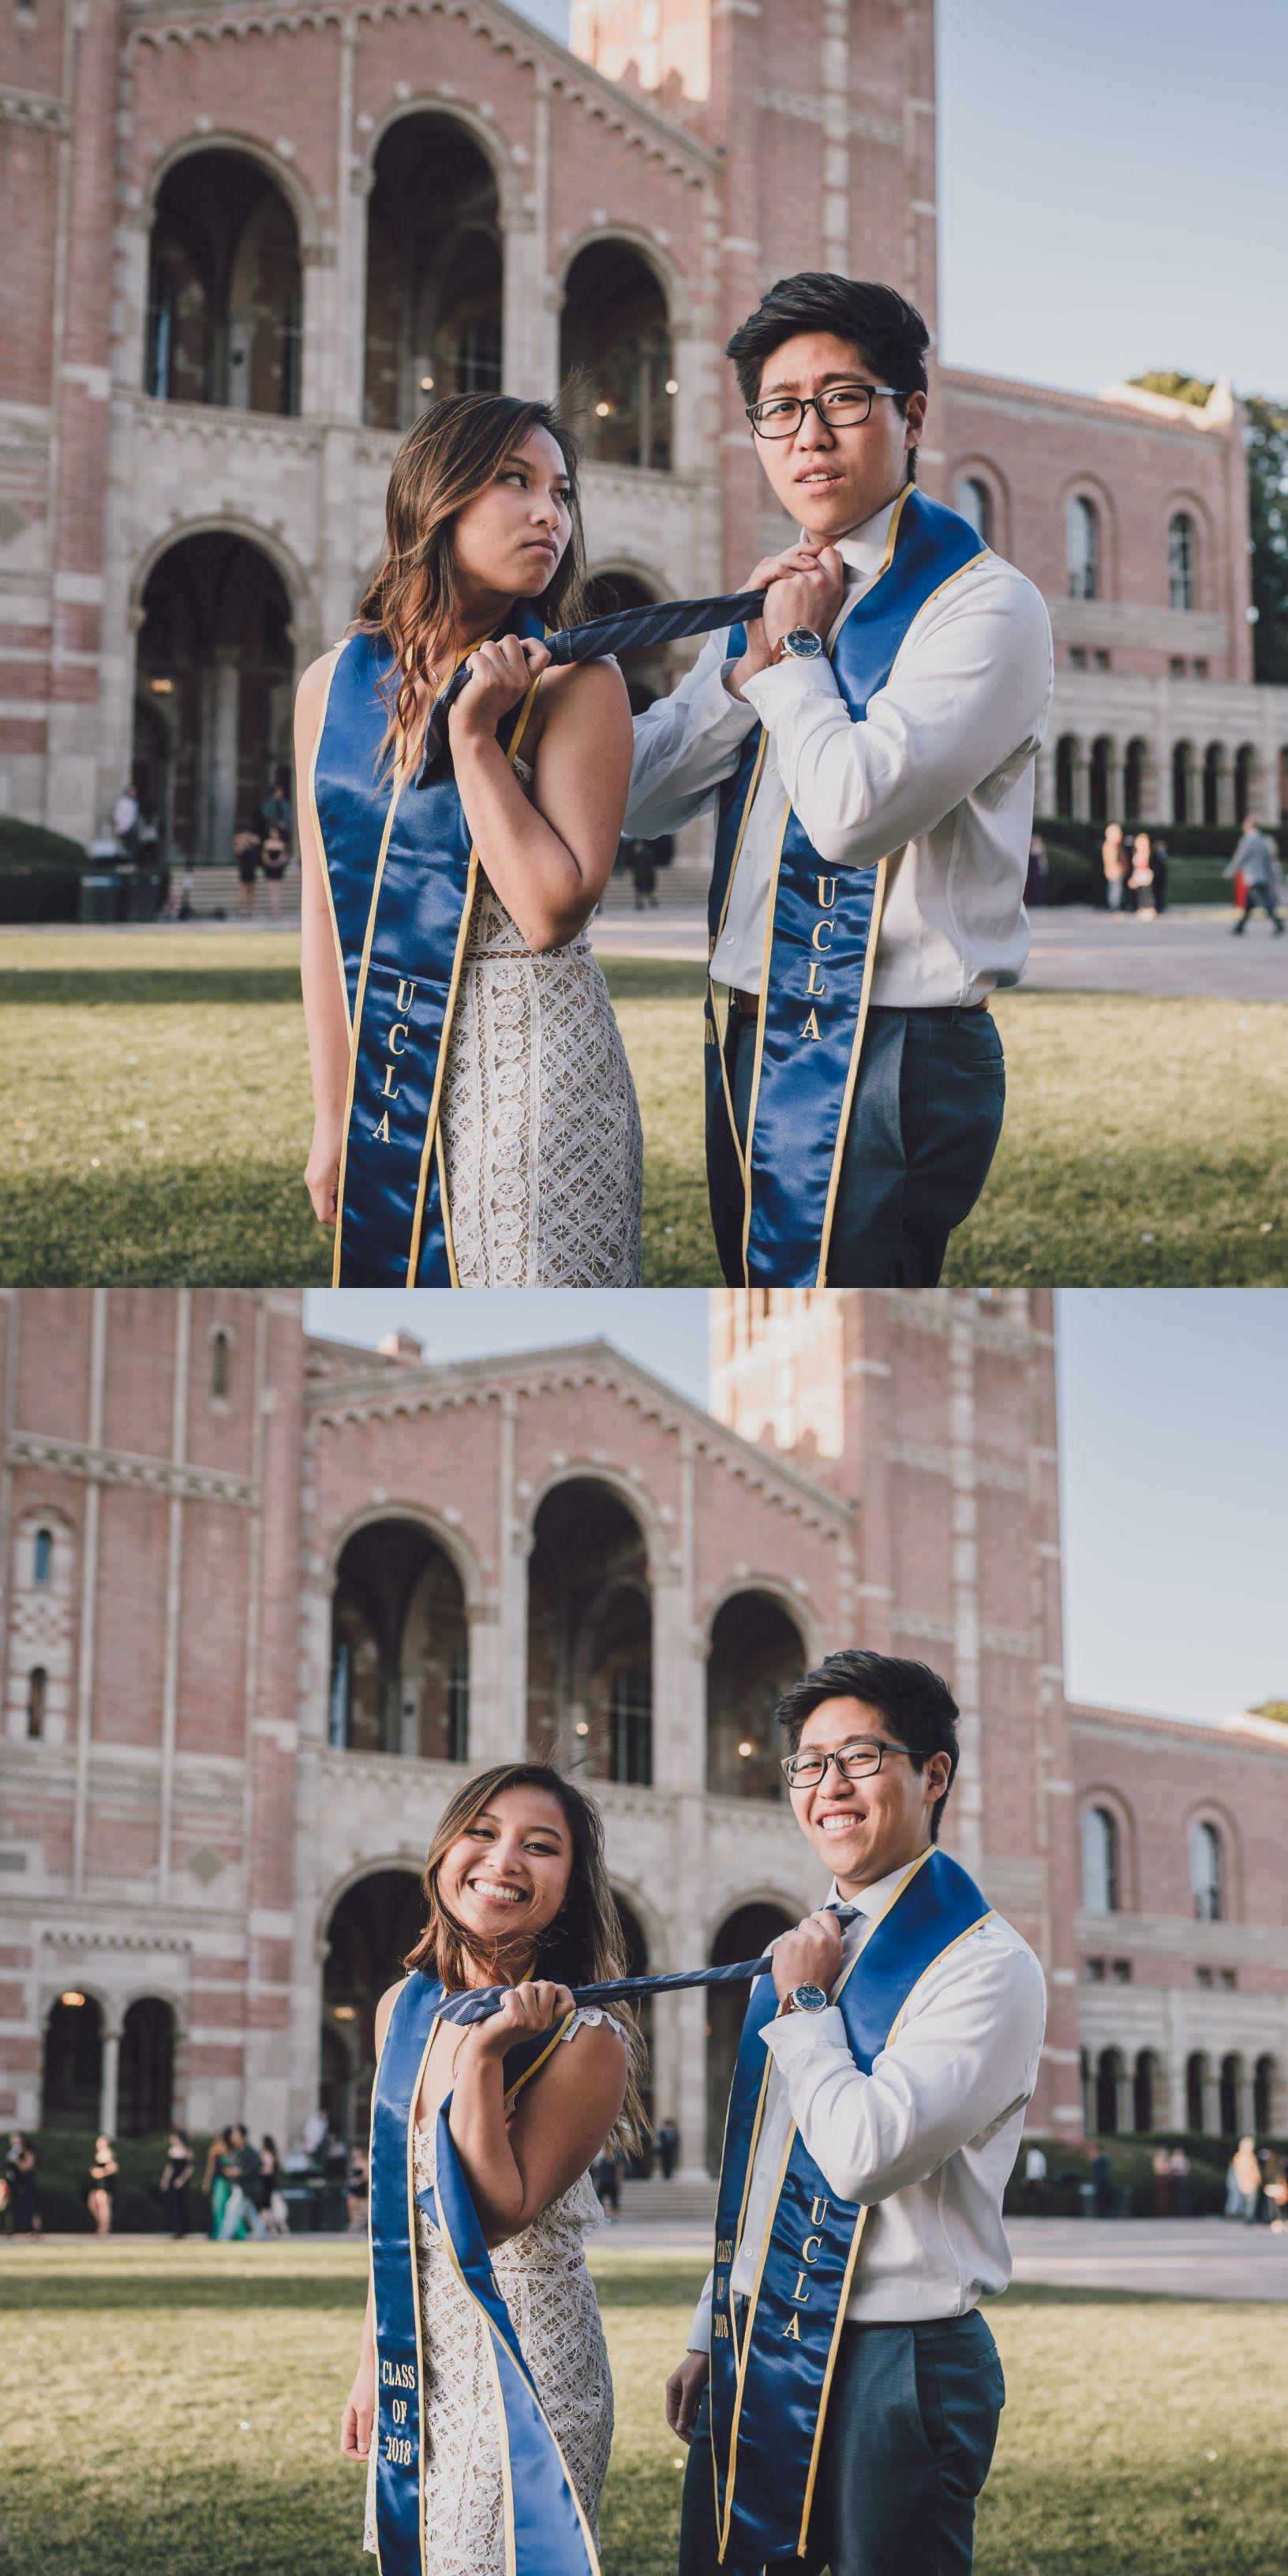 Ucla Couples Graduation Portrait Los Angeles California In 2020 Graduation Portraits Grad Pics Portrait